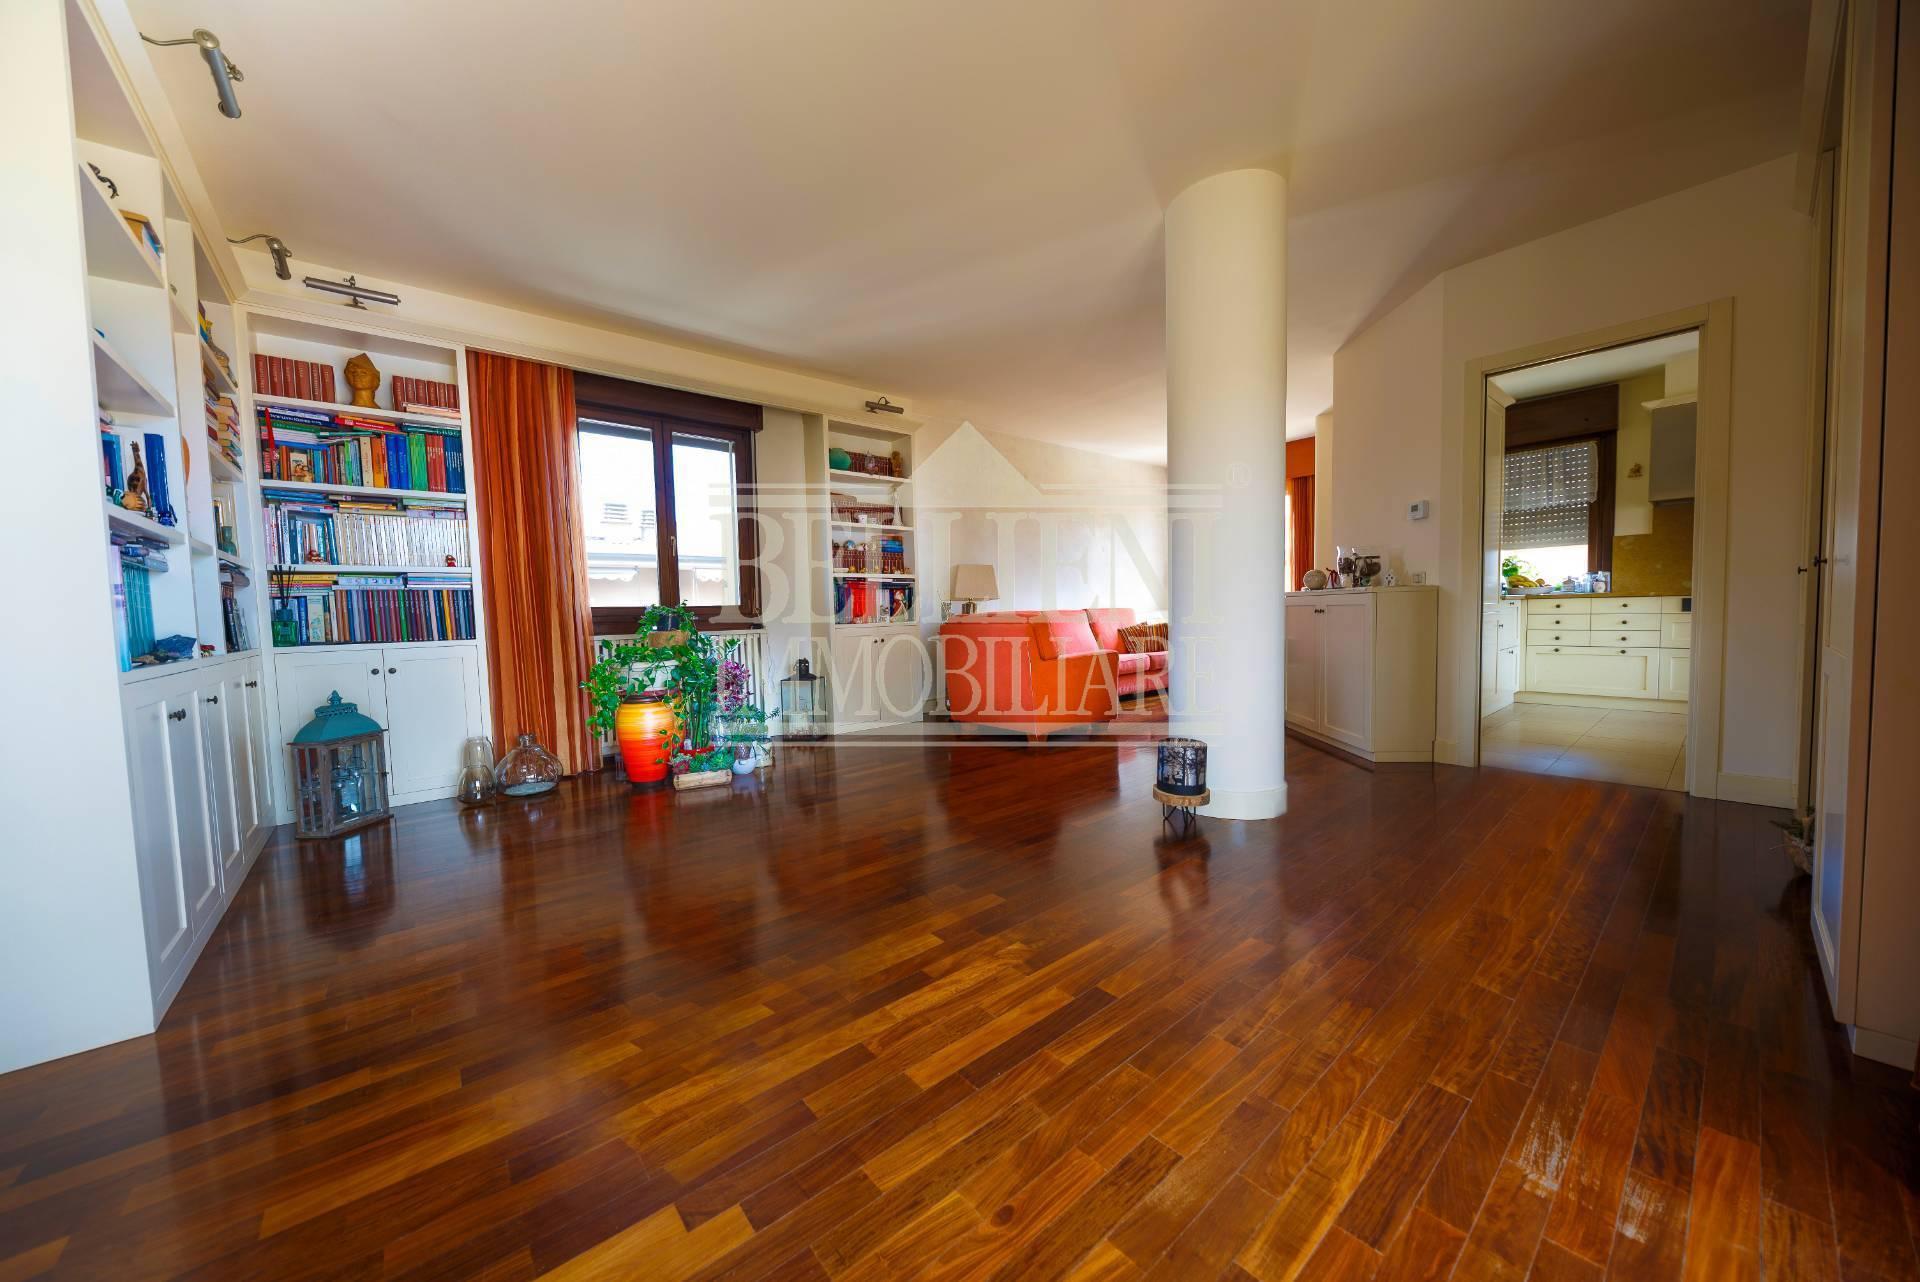 Attico / Mansarda in vendita a Vicenza, 8 locali, zona Località: VialeTrento, prezzo € 315.000 | PortaleAgenzieImmobiliari.it